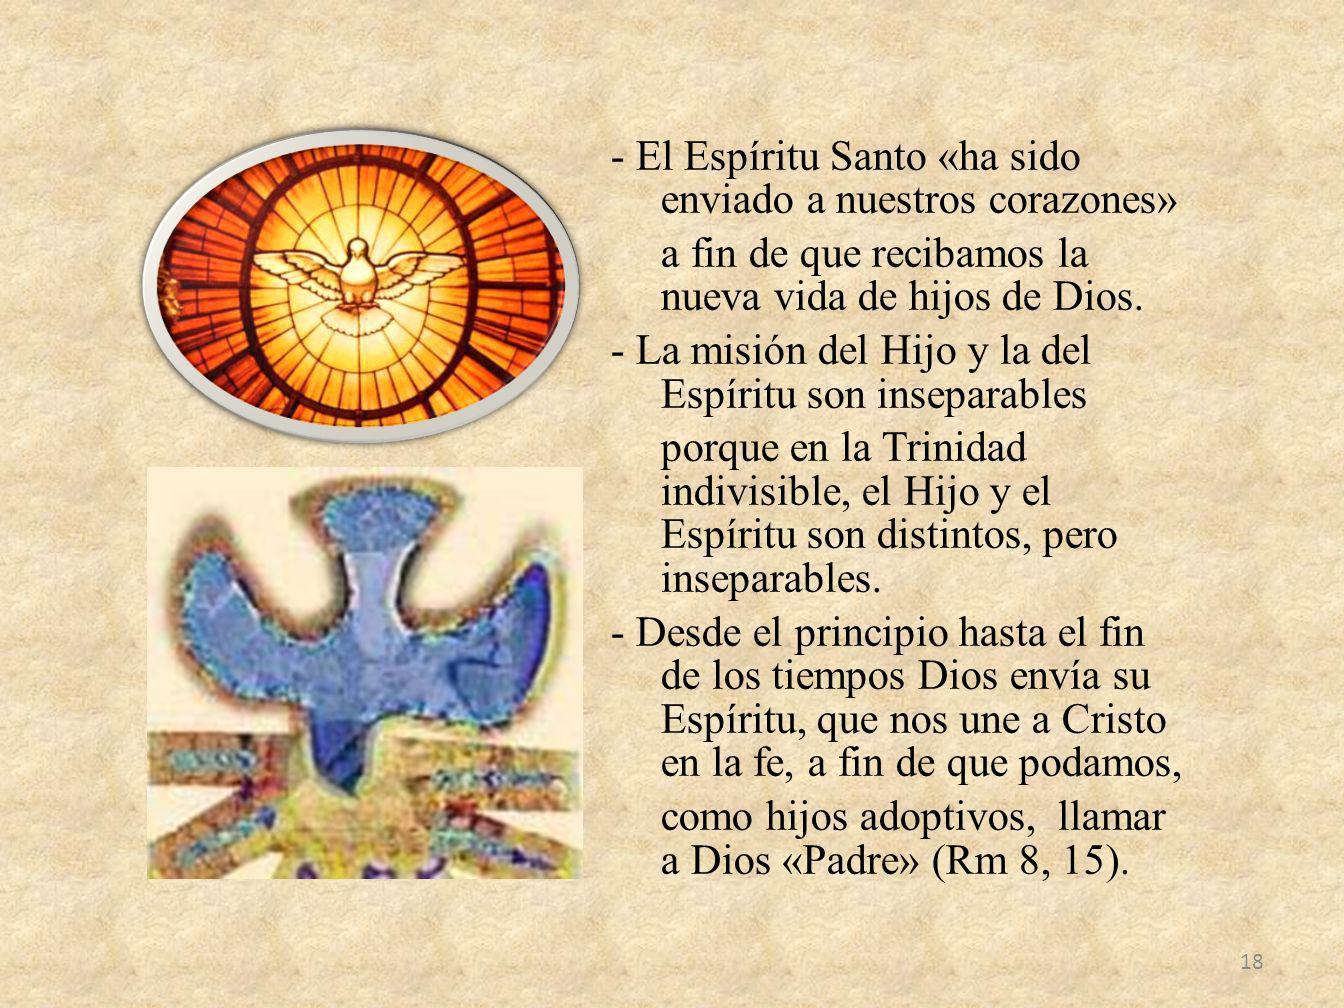 - El Espíritu Santo «ha sido enviado a nuestros corazones» a fin de que recibamos la nueva vida de hijos de Dios.